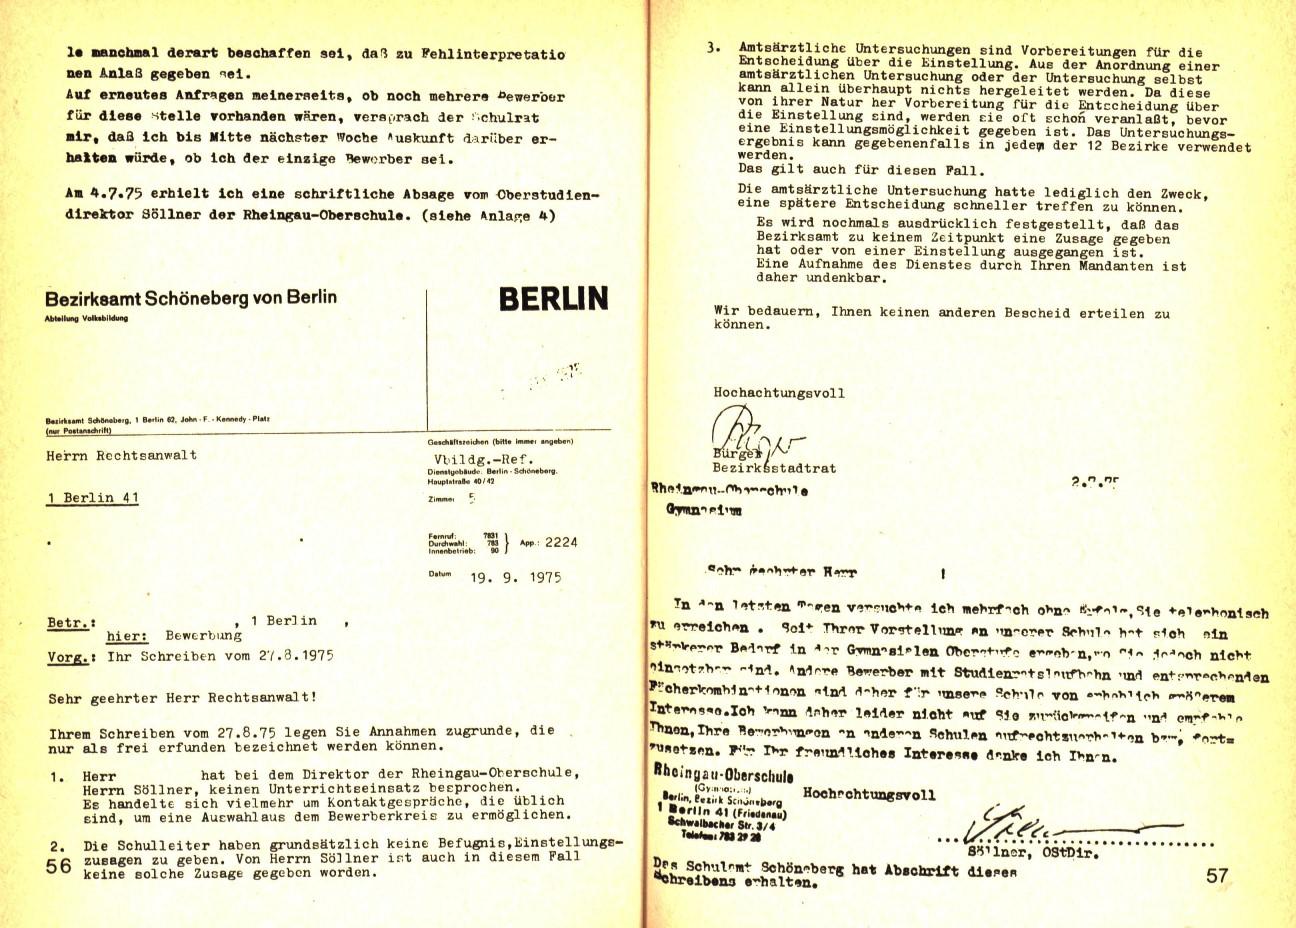 Berlin_VDS_Aktionskomitee_1976_BerufsverboteIII_30